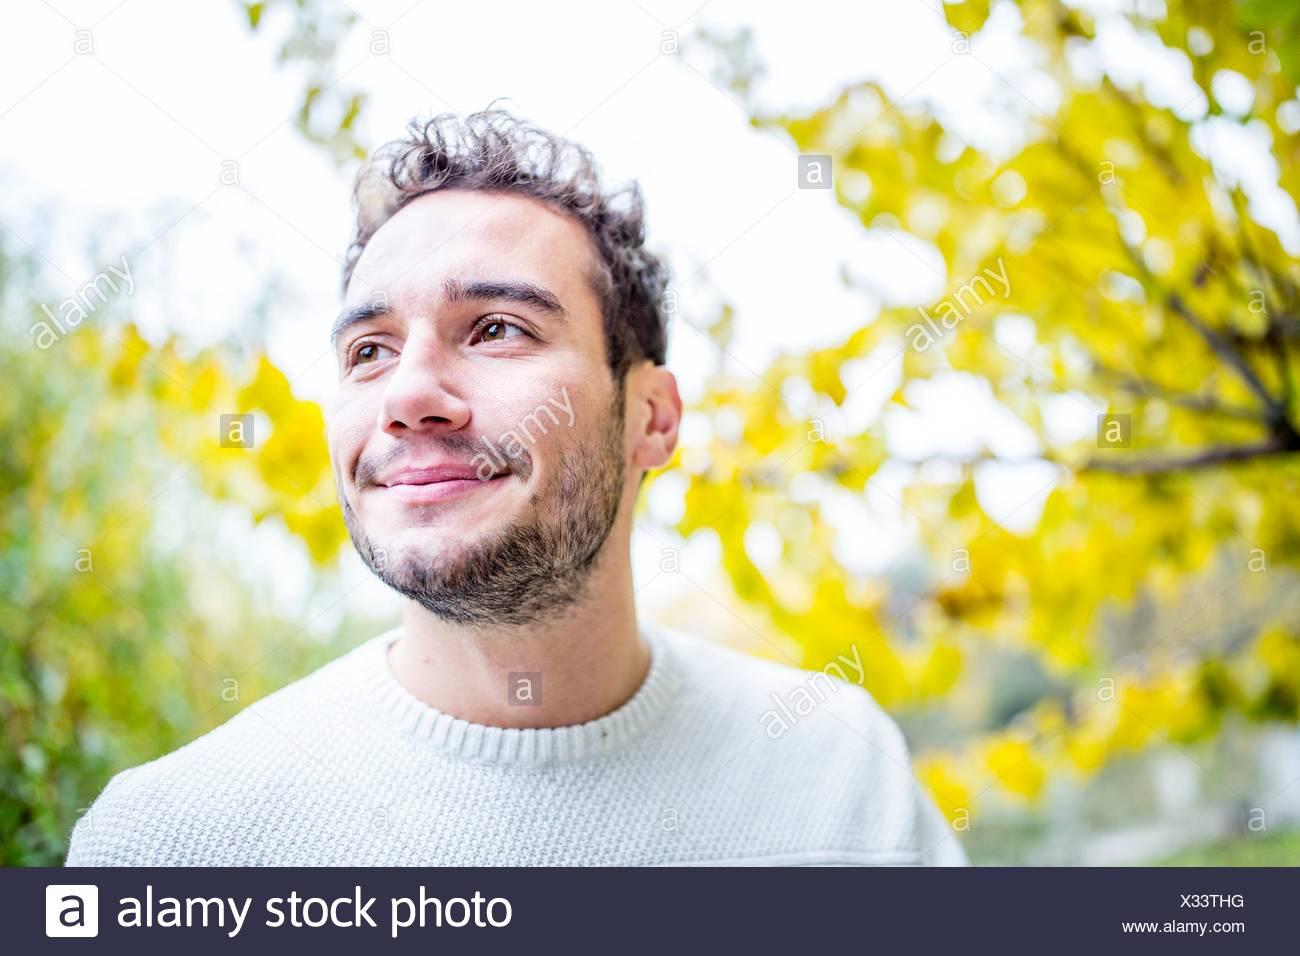 Modello rilasciato. Giovane uomo che guarda lontano e sorridente, close-up. Immagini Stock